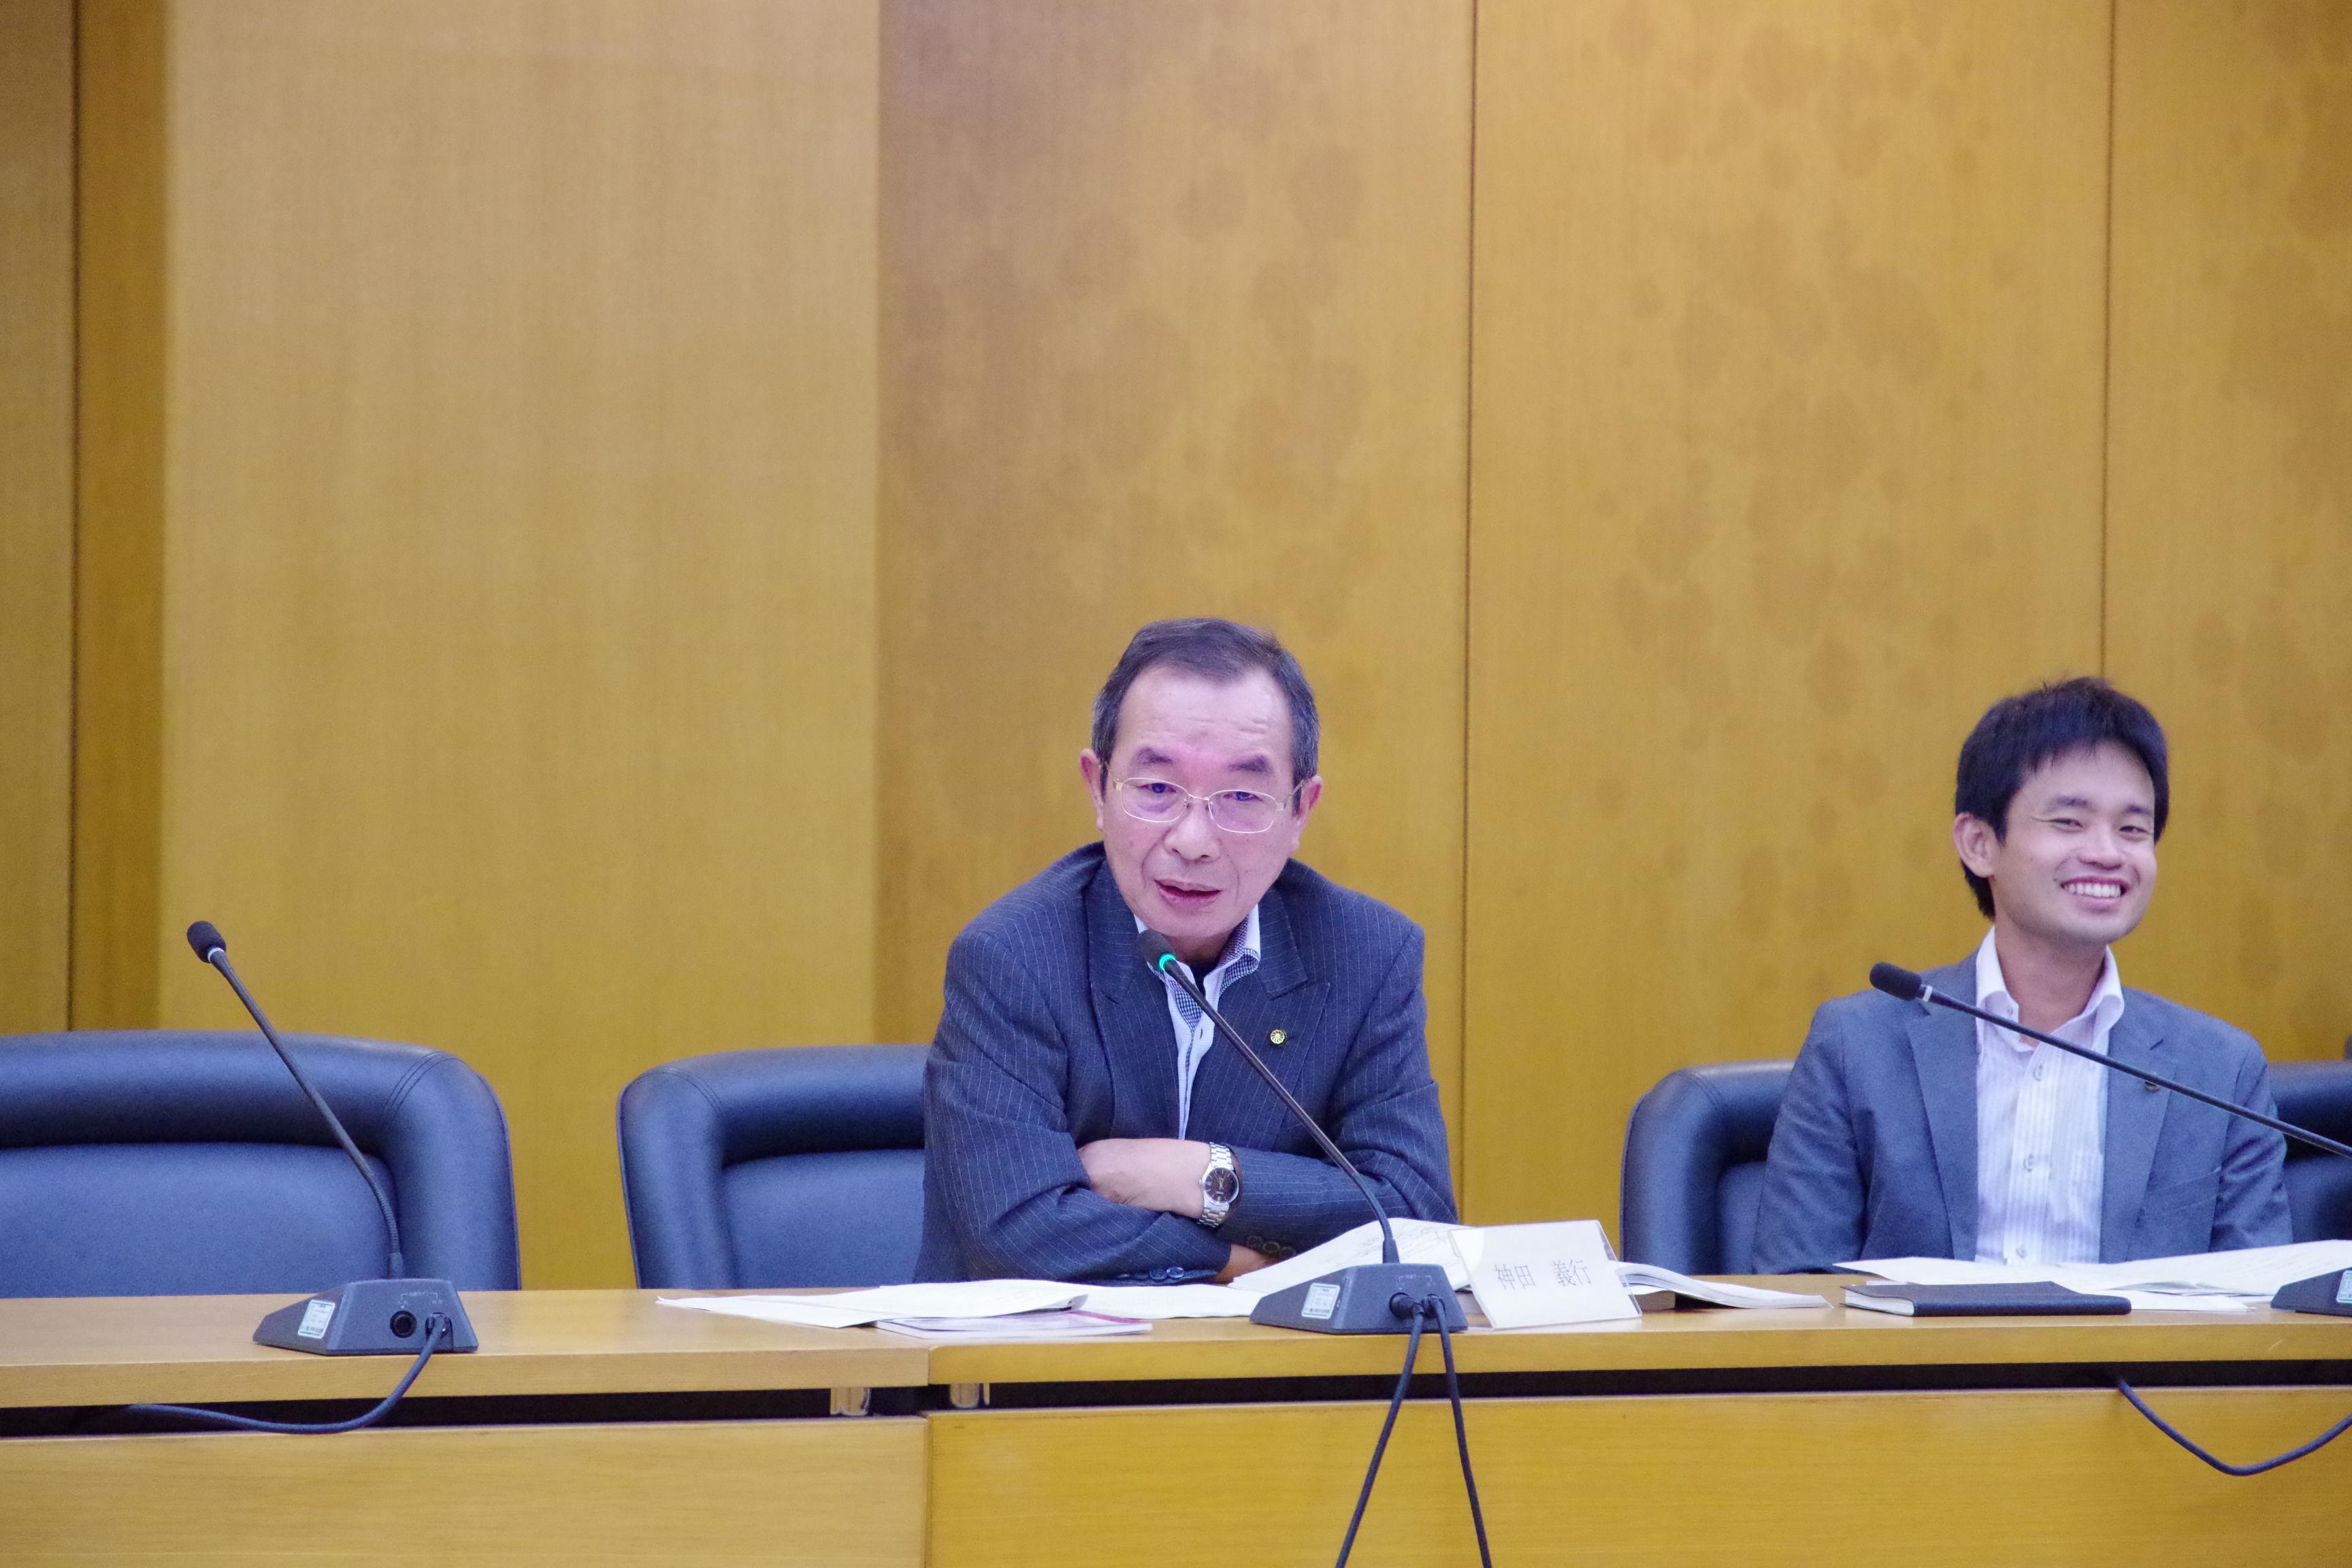 採択を求める立場から討論する神田よしゆき市議